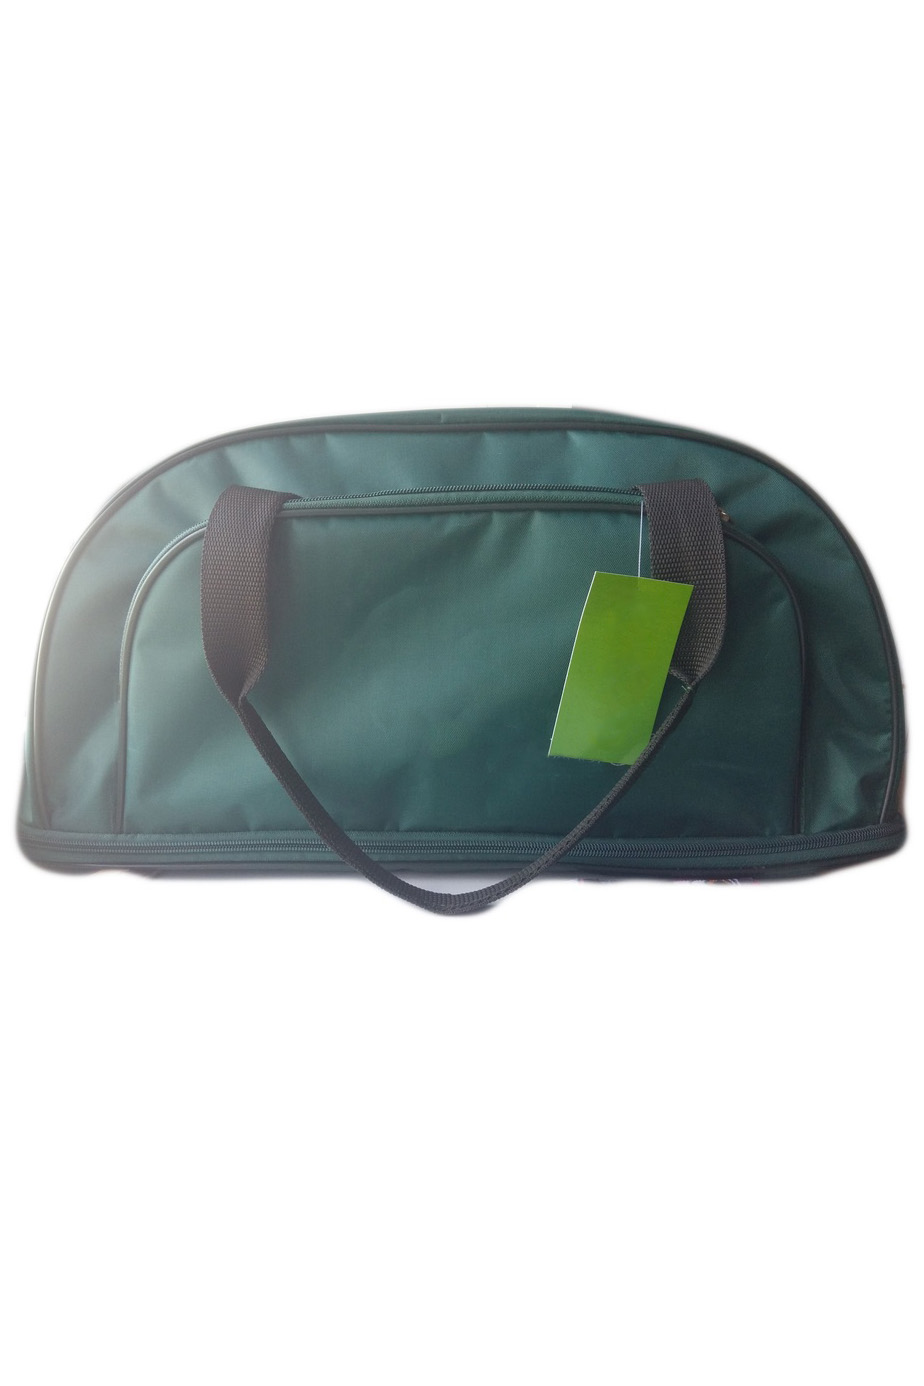 Дорожная сумкаДорожные<br>Удобная и вместительная дорожная сумка.  Размер: 47*22*21 см. Сумка с раздвижным дном+13см  Цвет: зеленый<br><br>По материалу: Тканевые<br>По размеру: Средние<br>По рисунку: Однотонные<br>По степени жесткости: Мягкие<br>Ручки: Короткие<br>По сезону: Всесезон<br>По форме: Трапециевидные<br>Размер : UNI<br>Материал: Полиэстер<br>Количество в наличии: 2